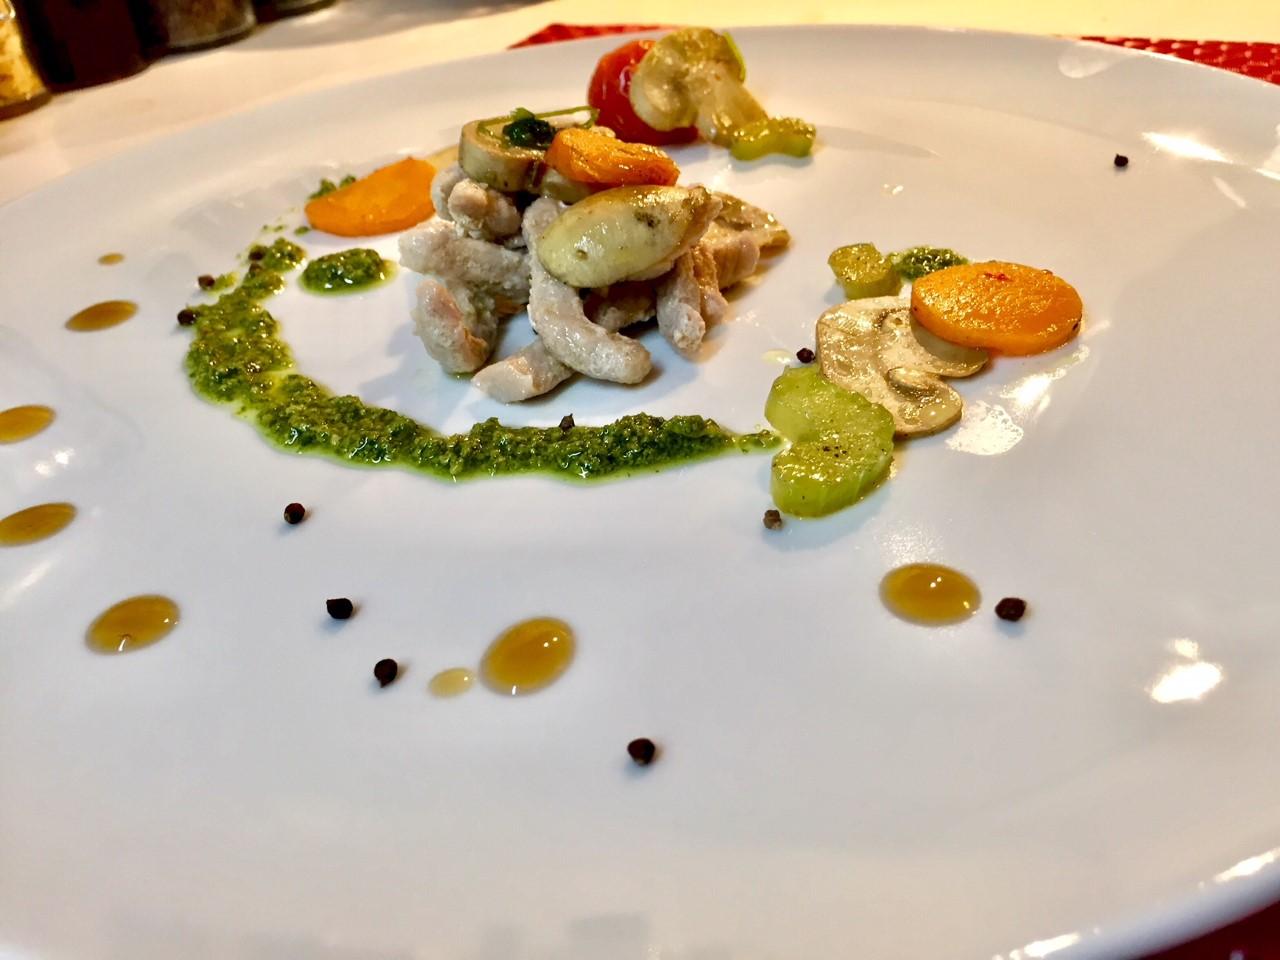 Straccetti di lonza al limone con champignon e verdure – senza lattosio